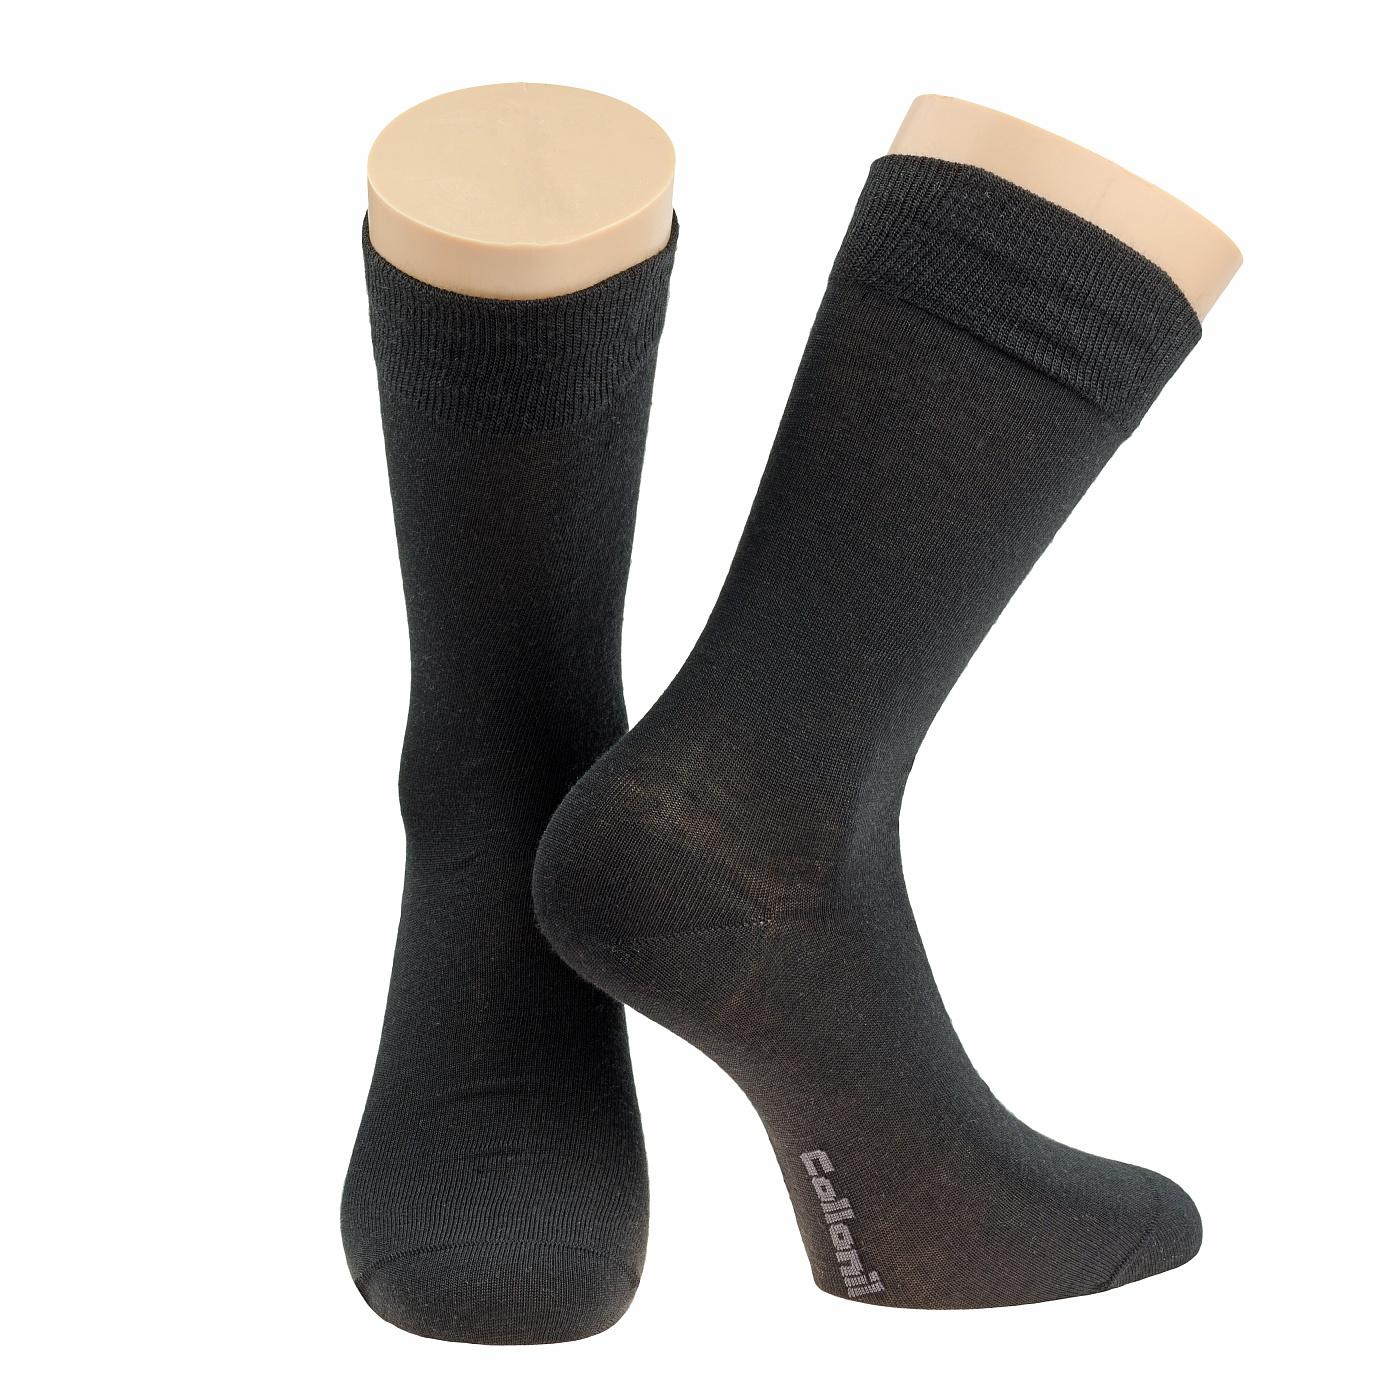 Носки мужские Collonil, цвет: черный. 2-03/01. Размер 44-462-03/01Мужские носки Collonil изготовлены из шерсти и термолайта (уникальное волокно, обеспечивающее максимум комфорта в холодное время).Носки с удлиненным паголенком. Широкая резинка не сдавливает и комфортно облегает ногу.